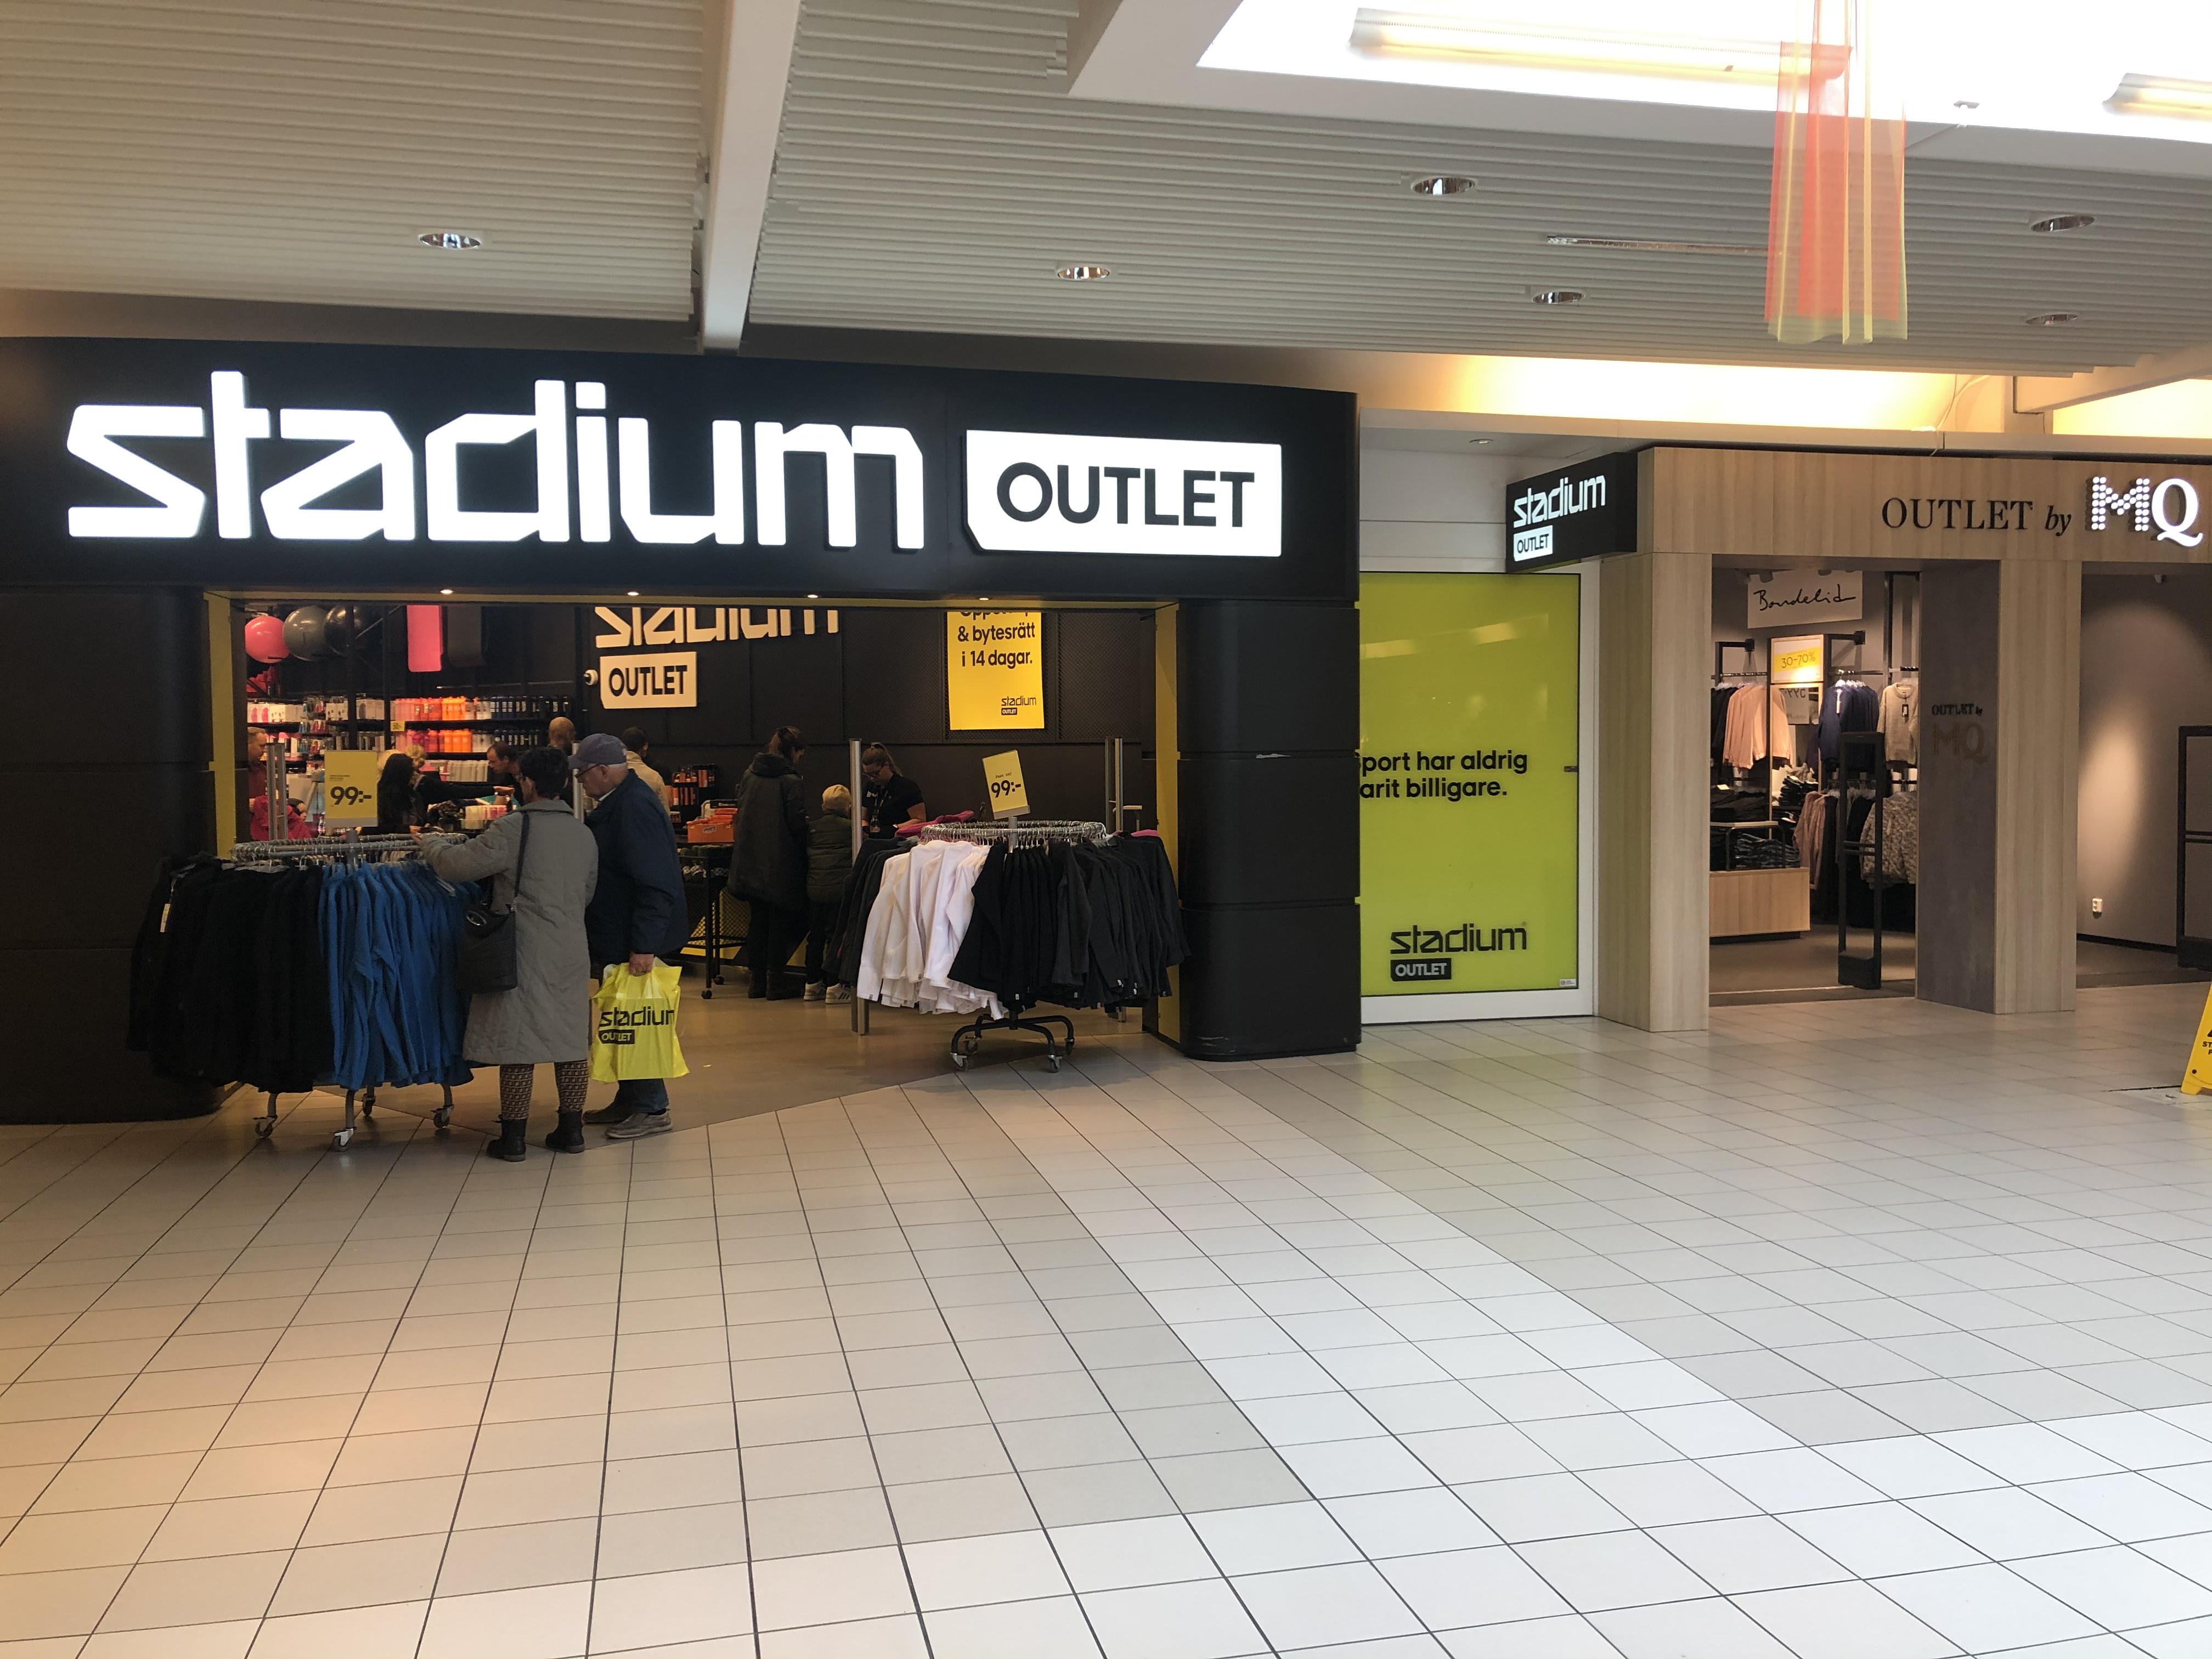 Stadium Outlet Jägersro